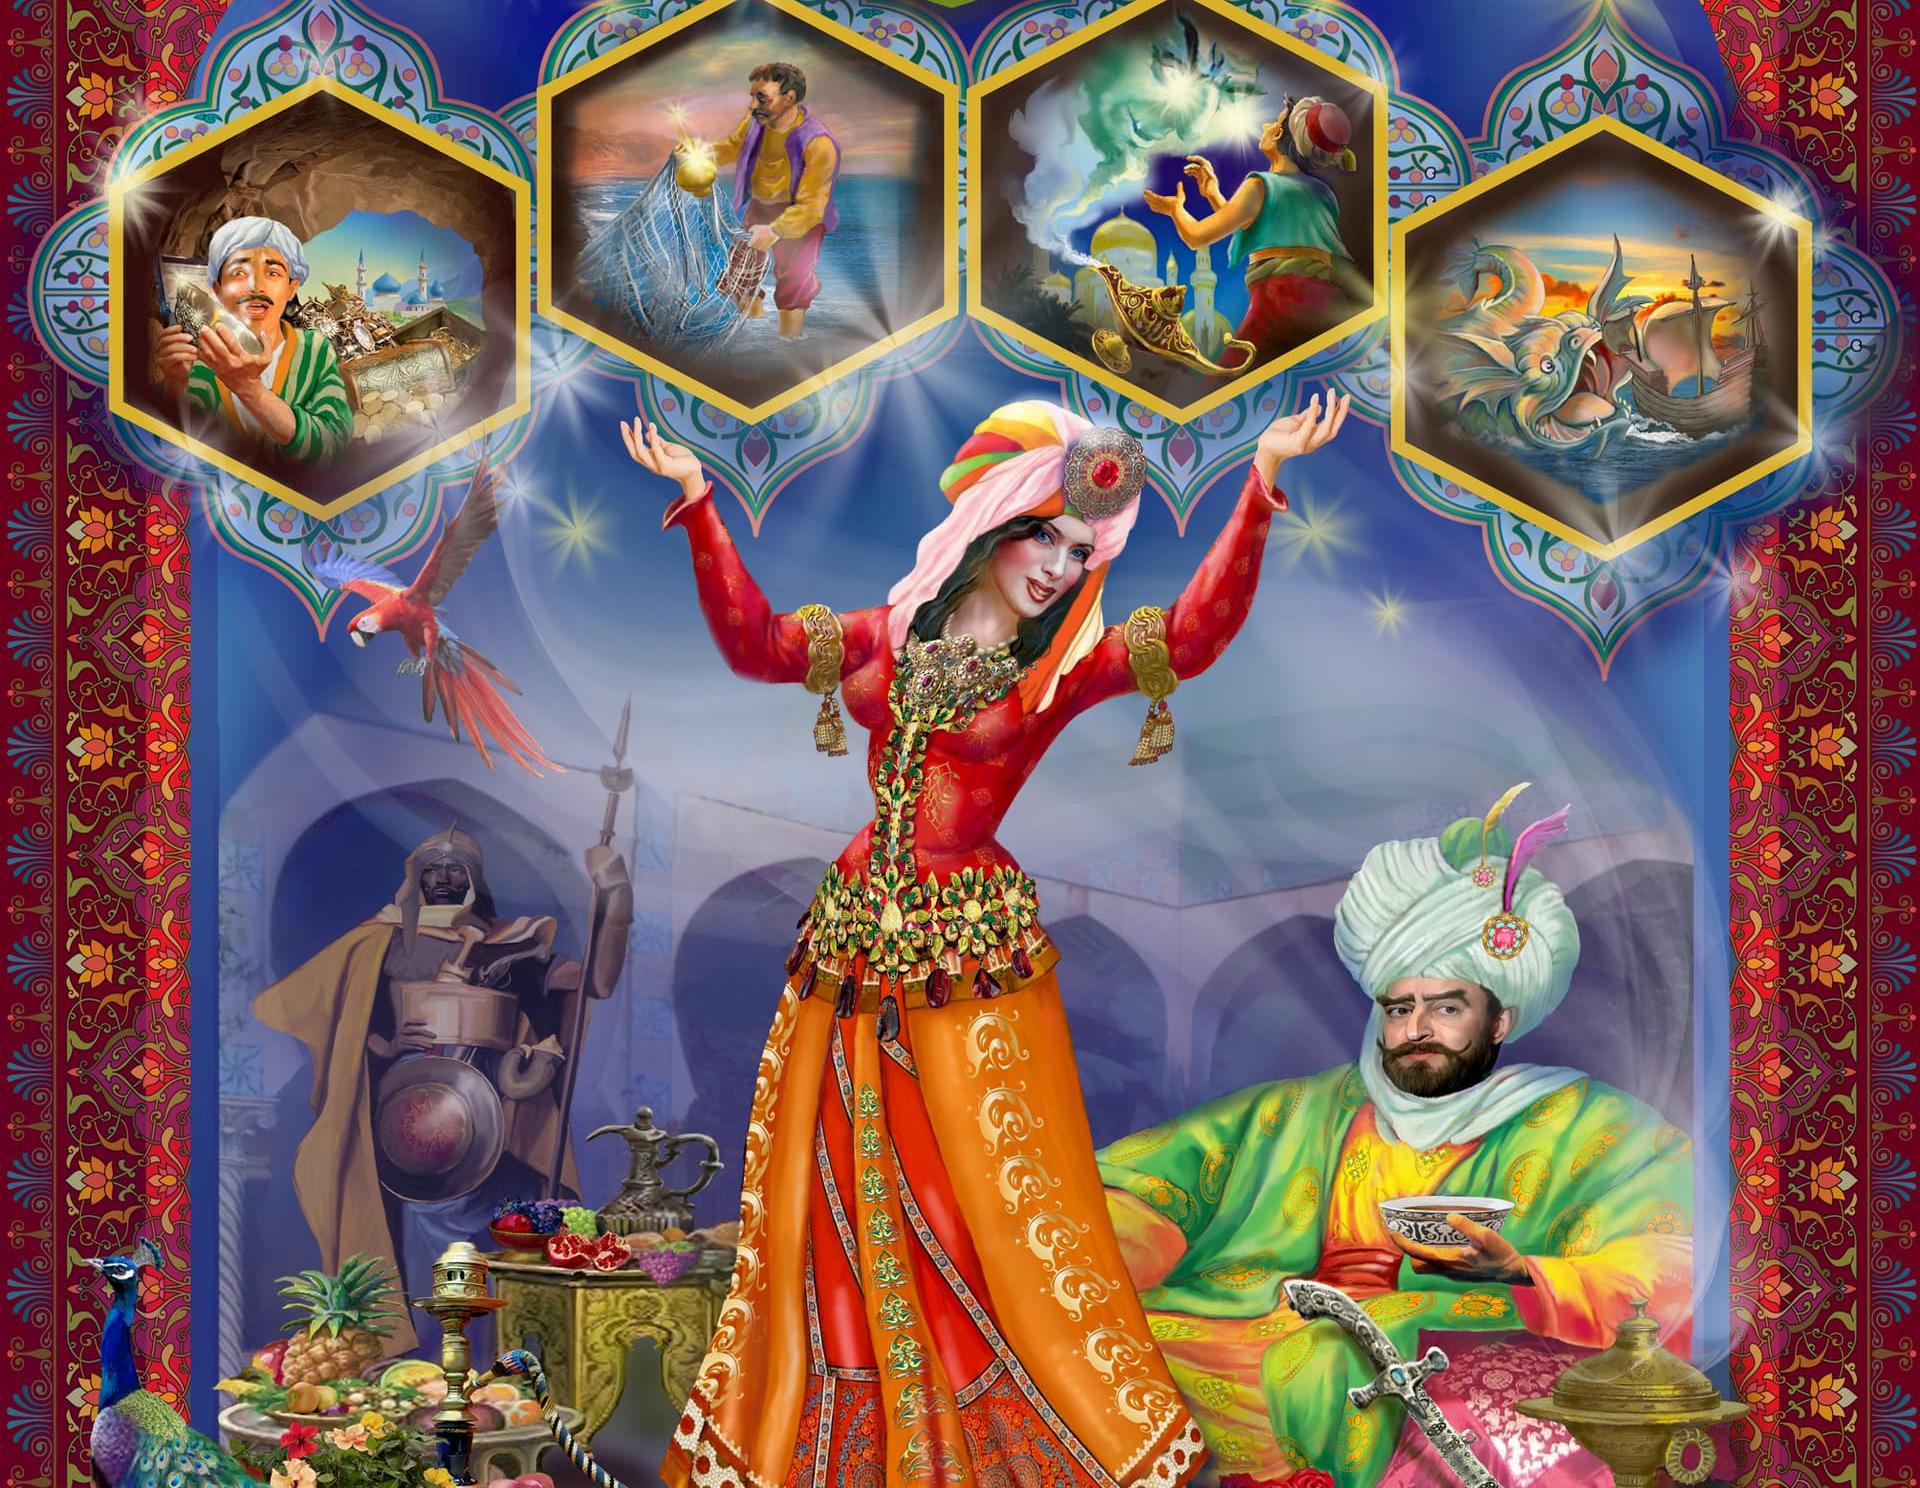 1001 ночь - Сказка Востока